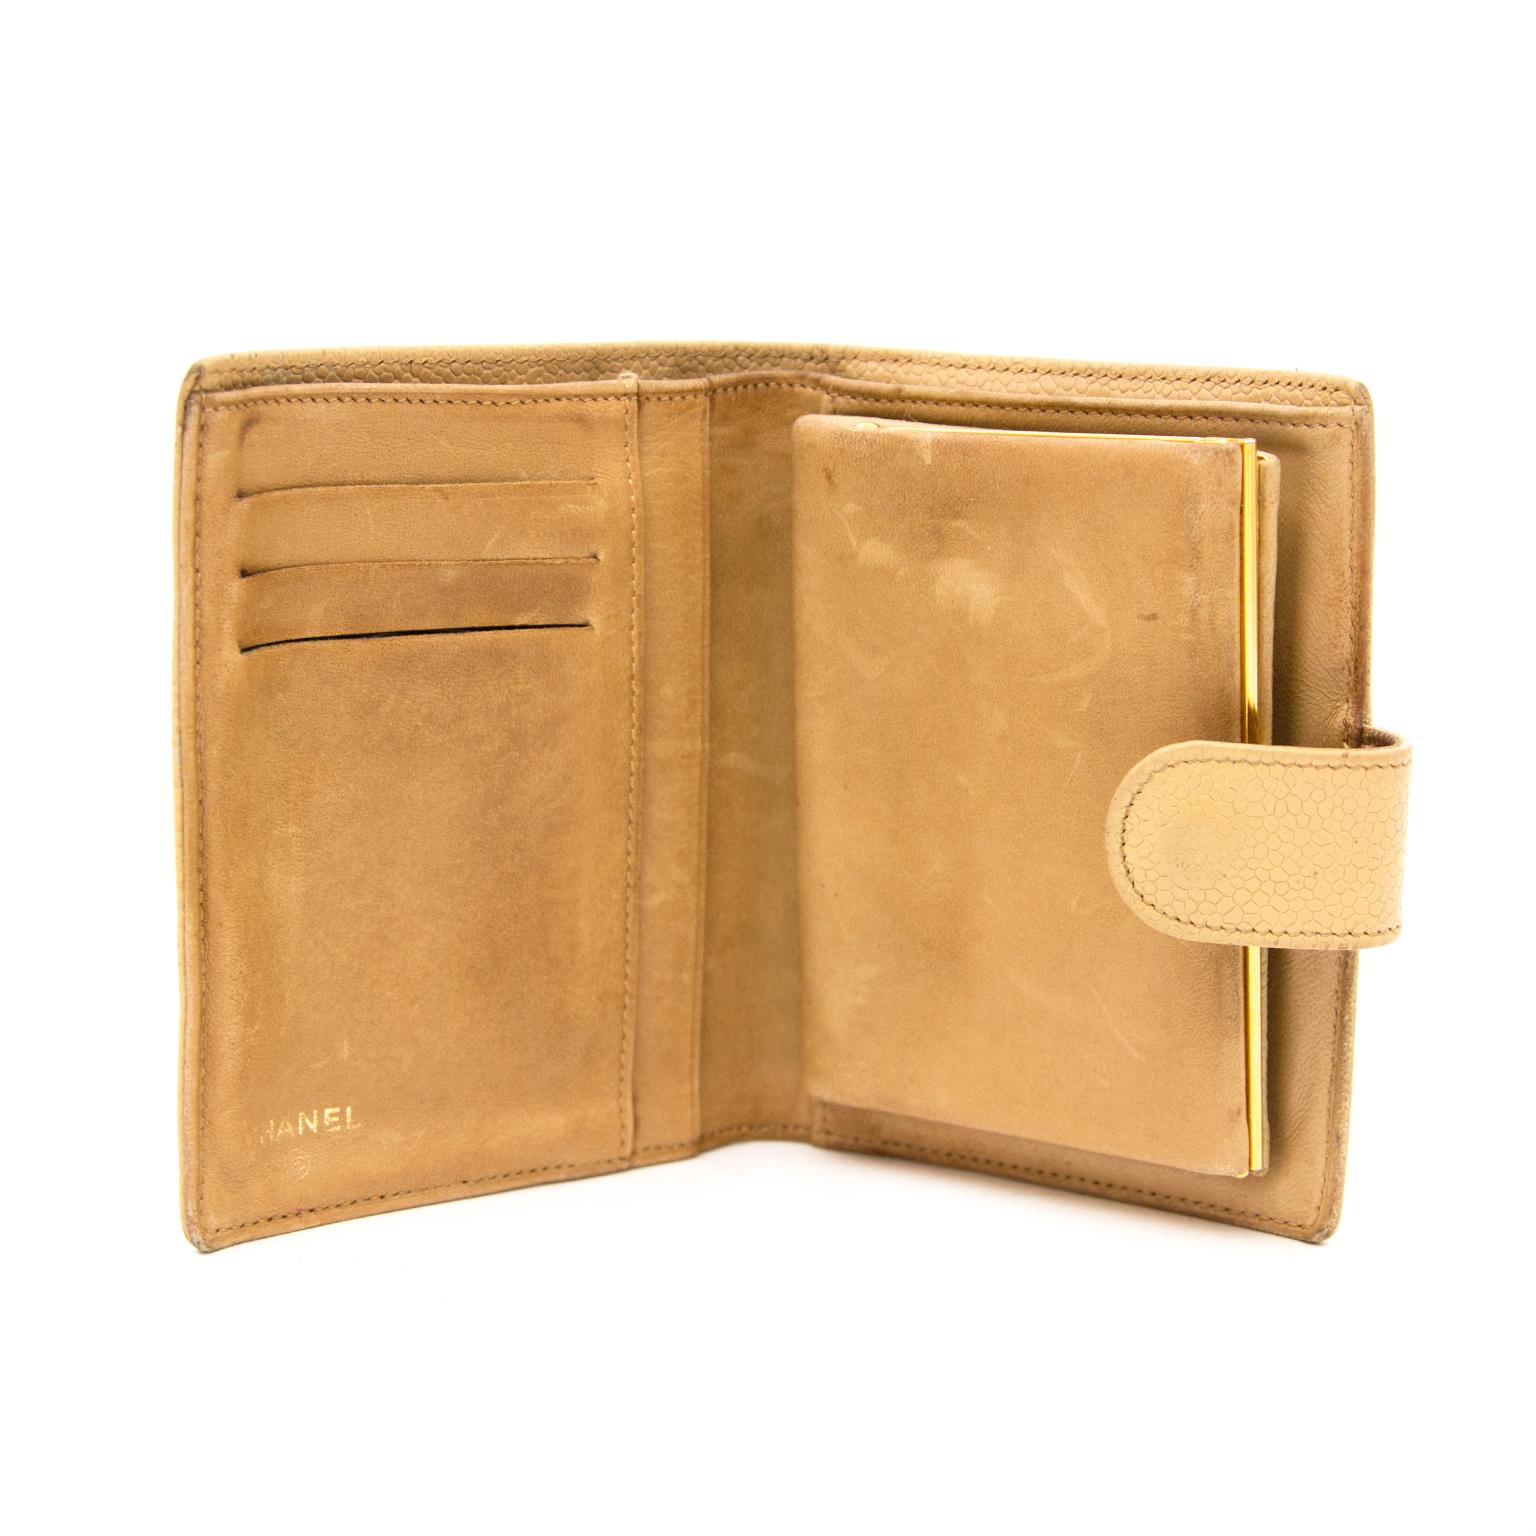 Bent u opzoek naar een Beige Chanel Lederen Portemonne? Koop online bij Labellov.com